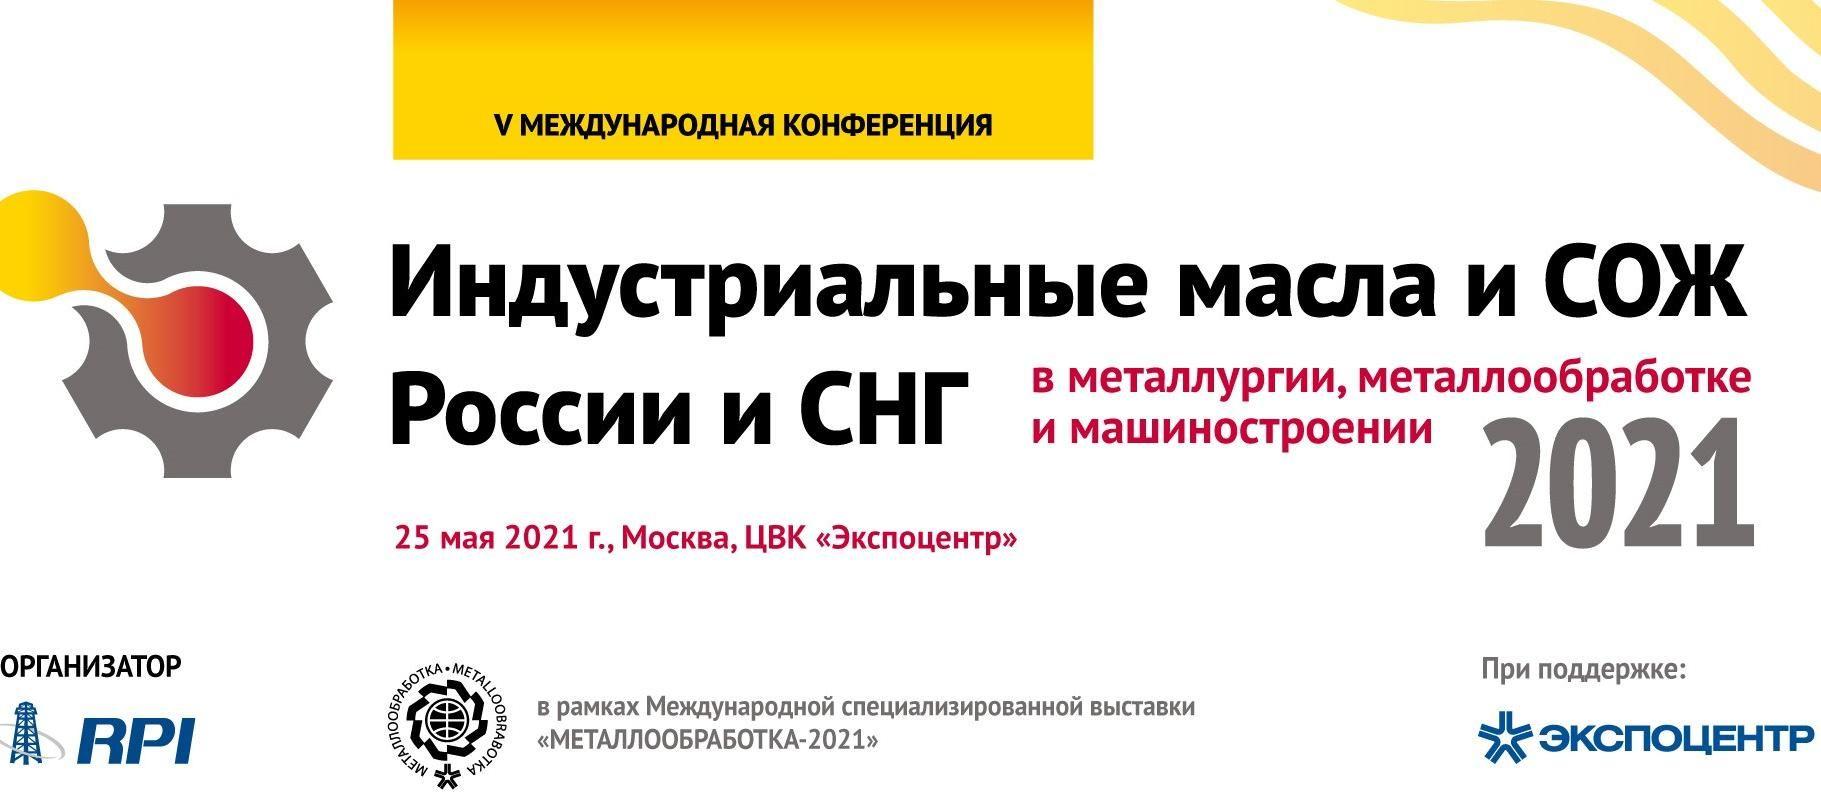 V Международная Конференция «Индустриальные масла и СОЖ в металлургии, металлообработке и машиностроении-2021» состоится 25 мая 2021 г. в Москве в ЦВК «Экспоцентр»